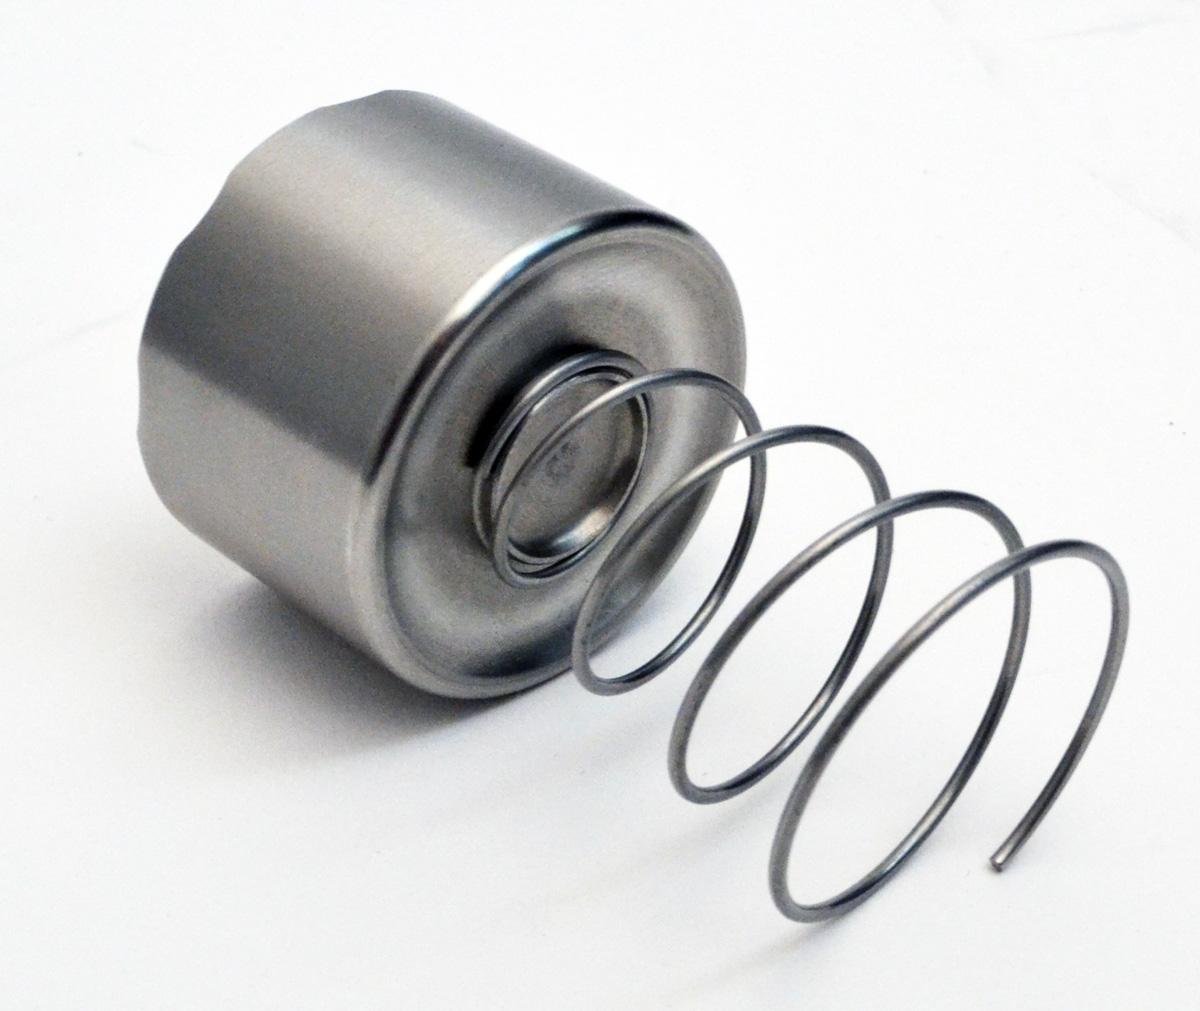 Stoptech Brake Kit >> Anti knock back spring - small bore x 4 pcs